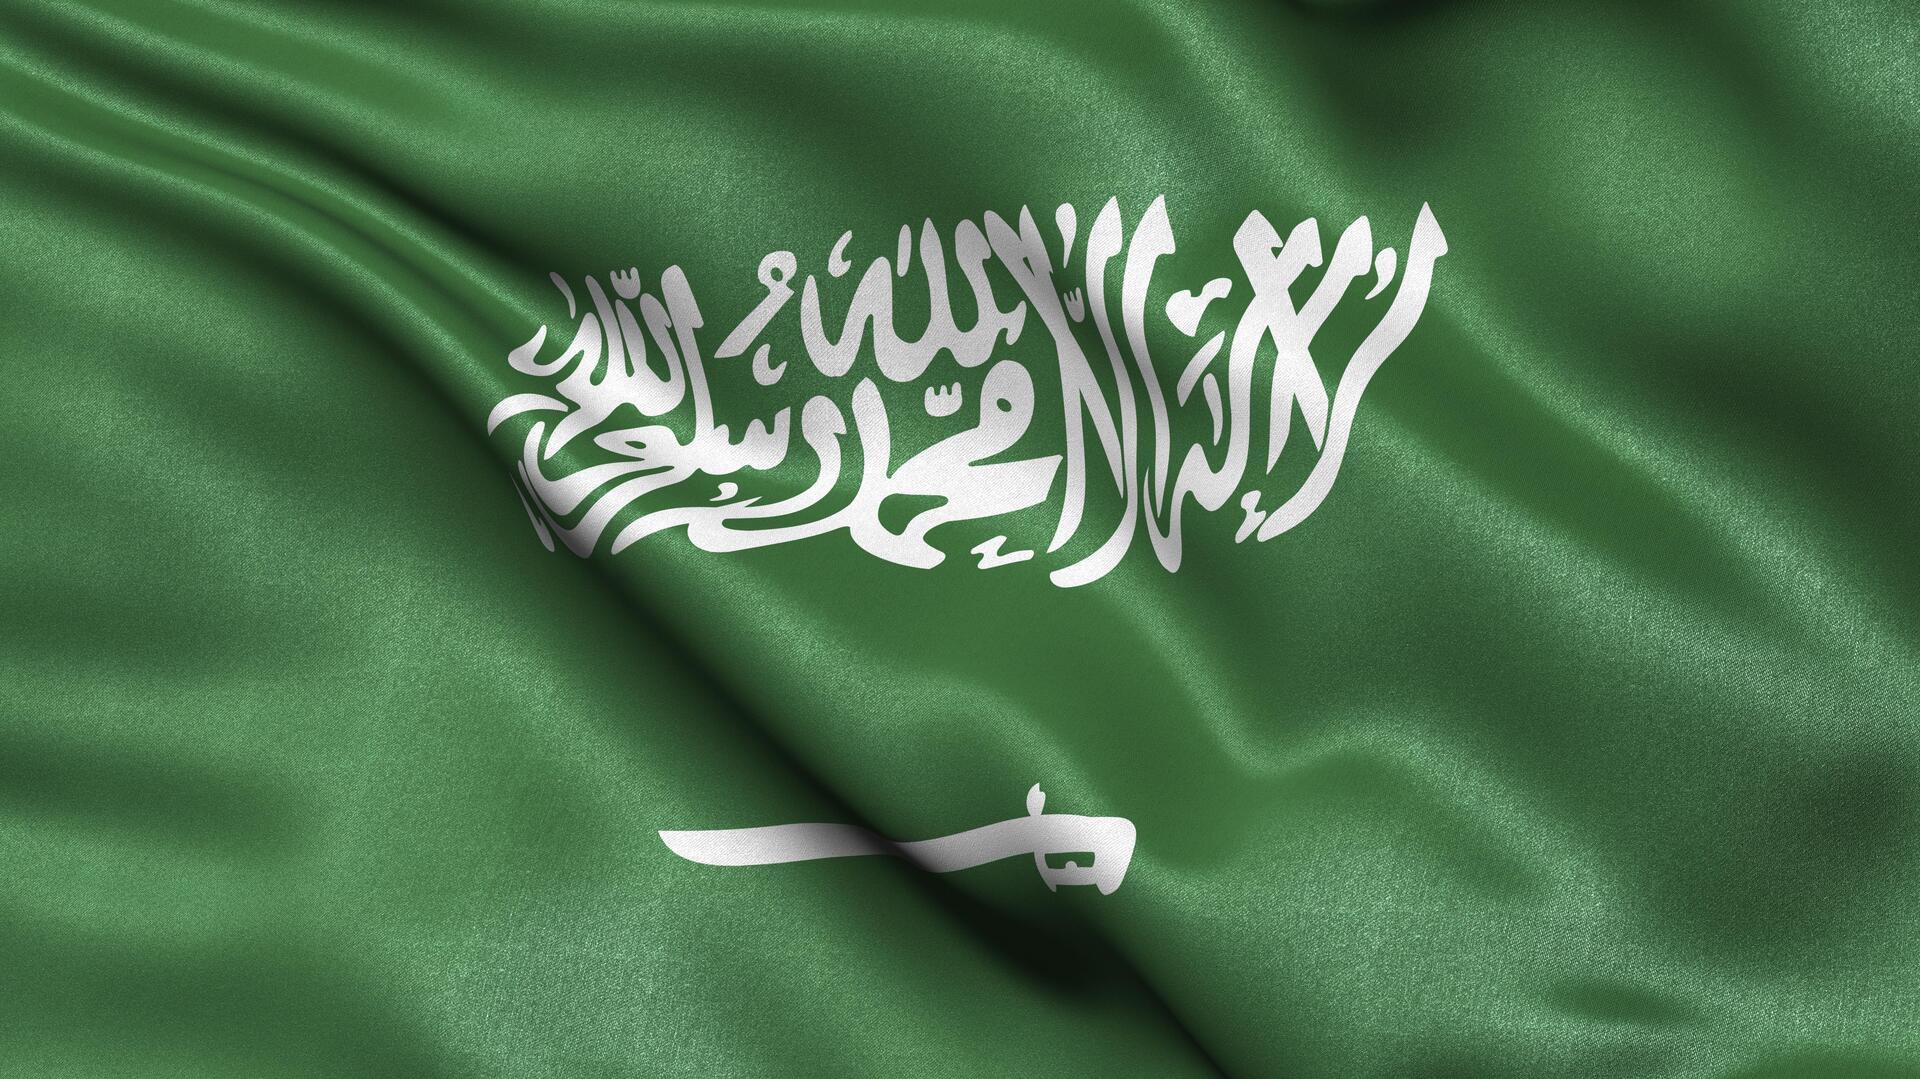 في اليوم الوطني السعودي.. صورة بالمناسبة لوثيقة تاريخية هامة